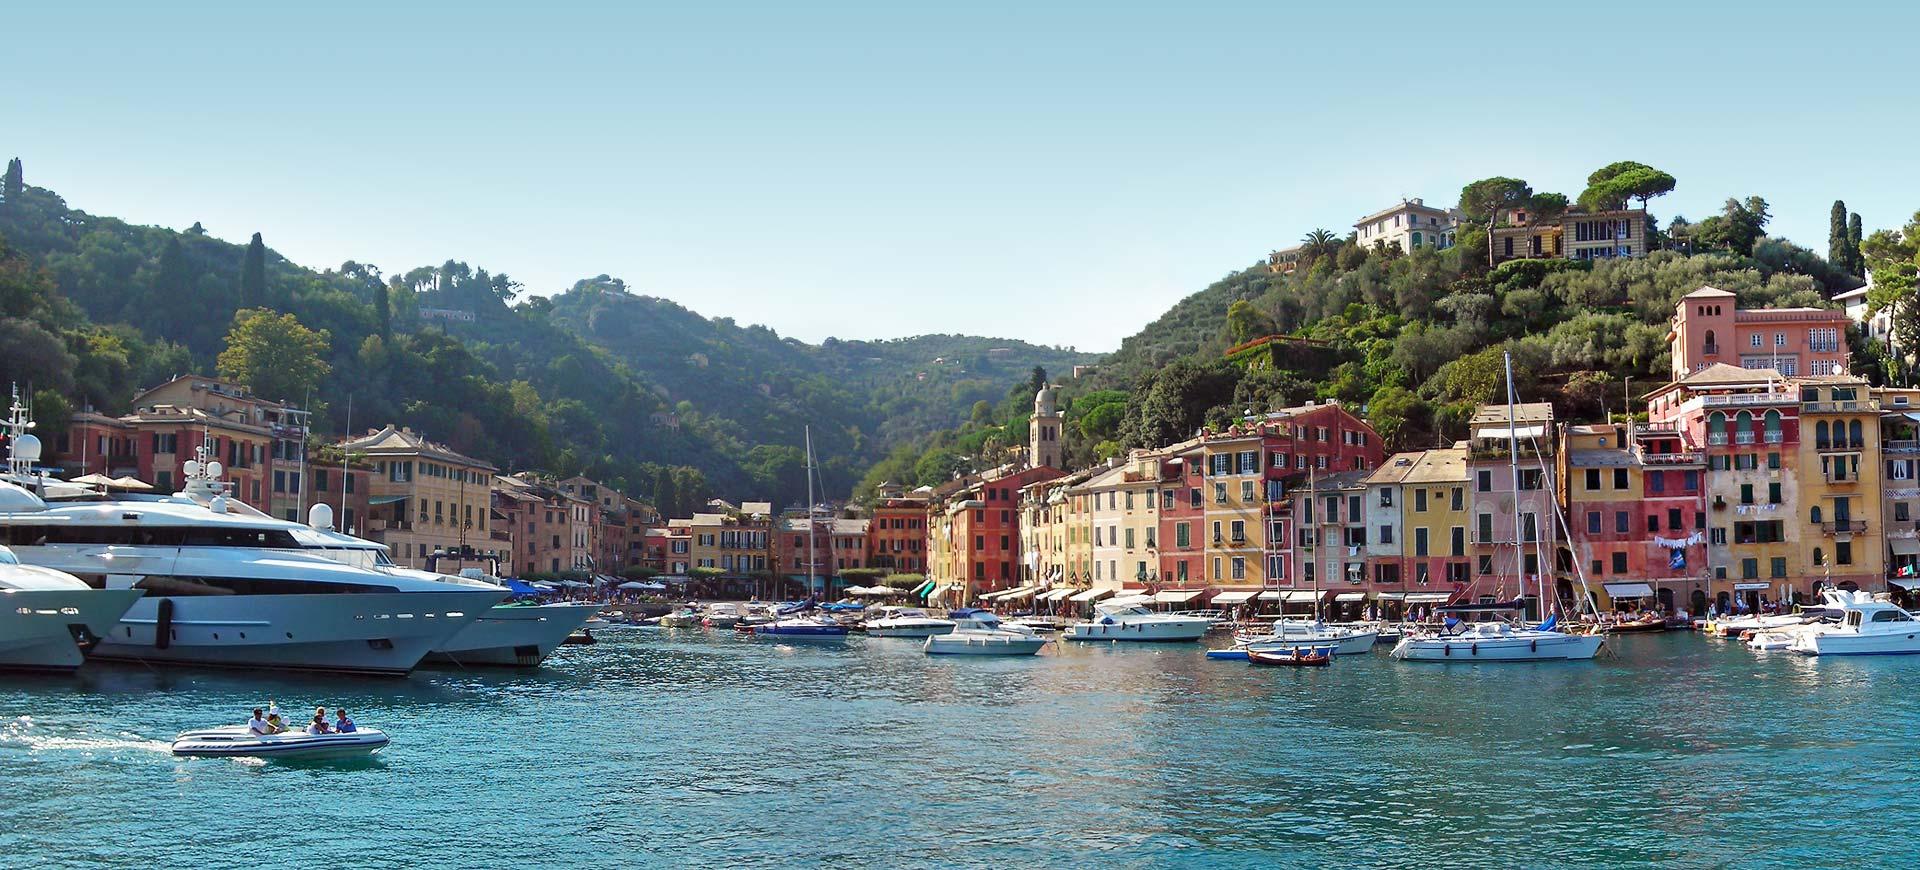 Portofino e Golfo del Tigullio